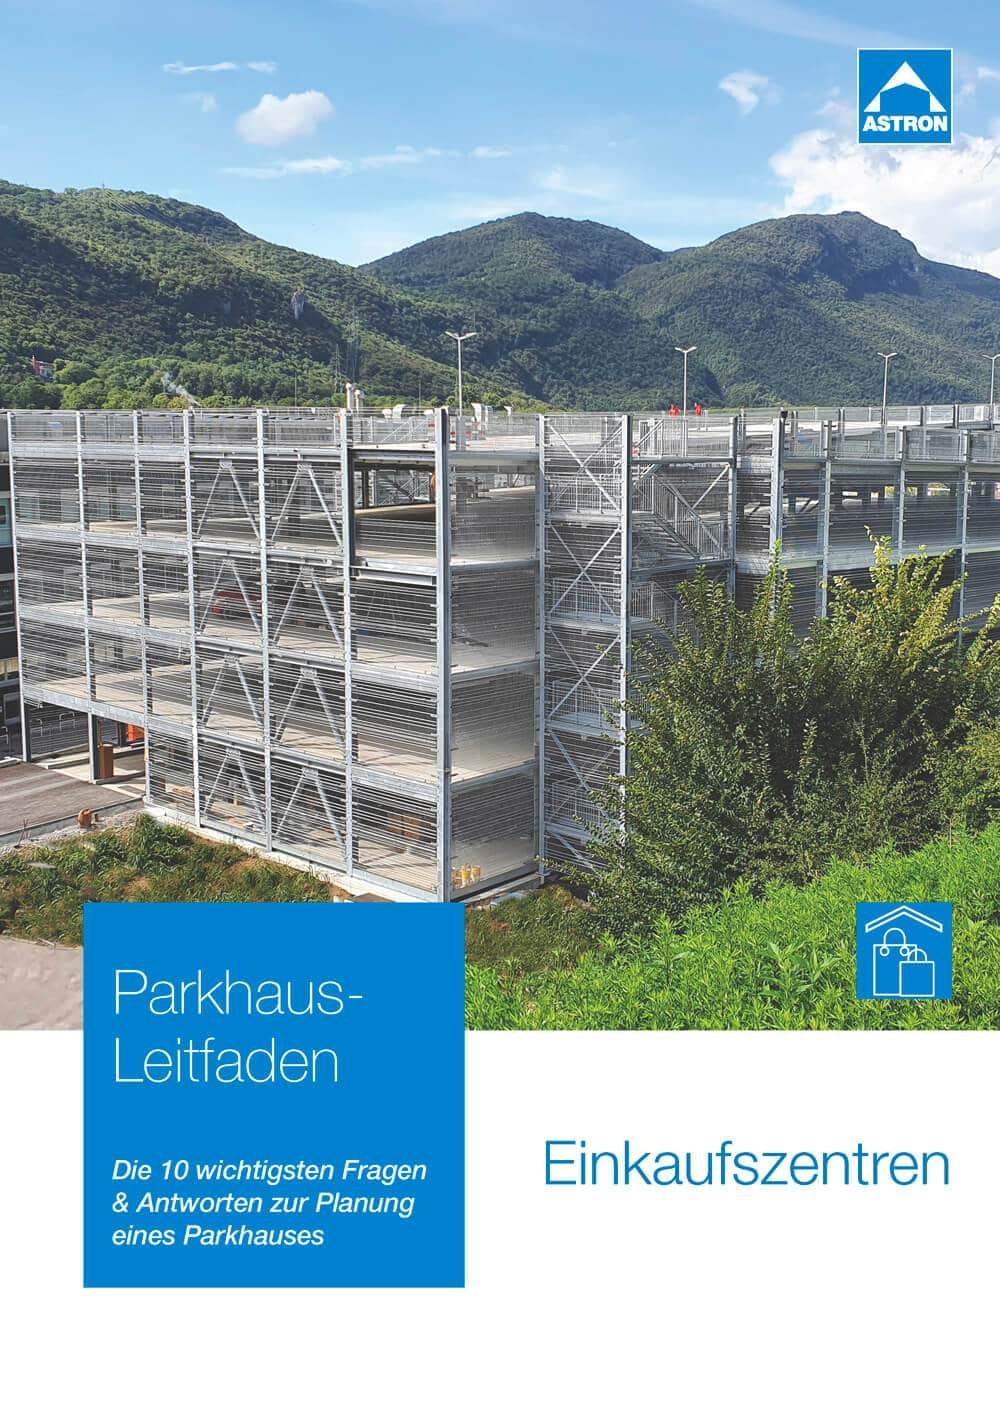 Leitfaden zur Parkhaus-Planung für Einkaufszentren